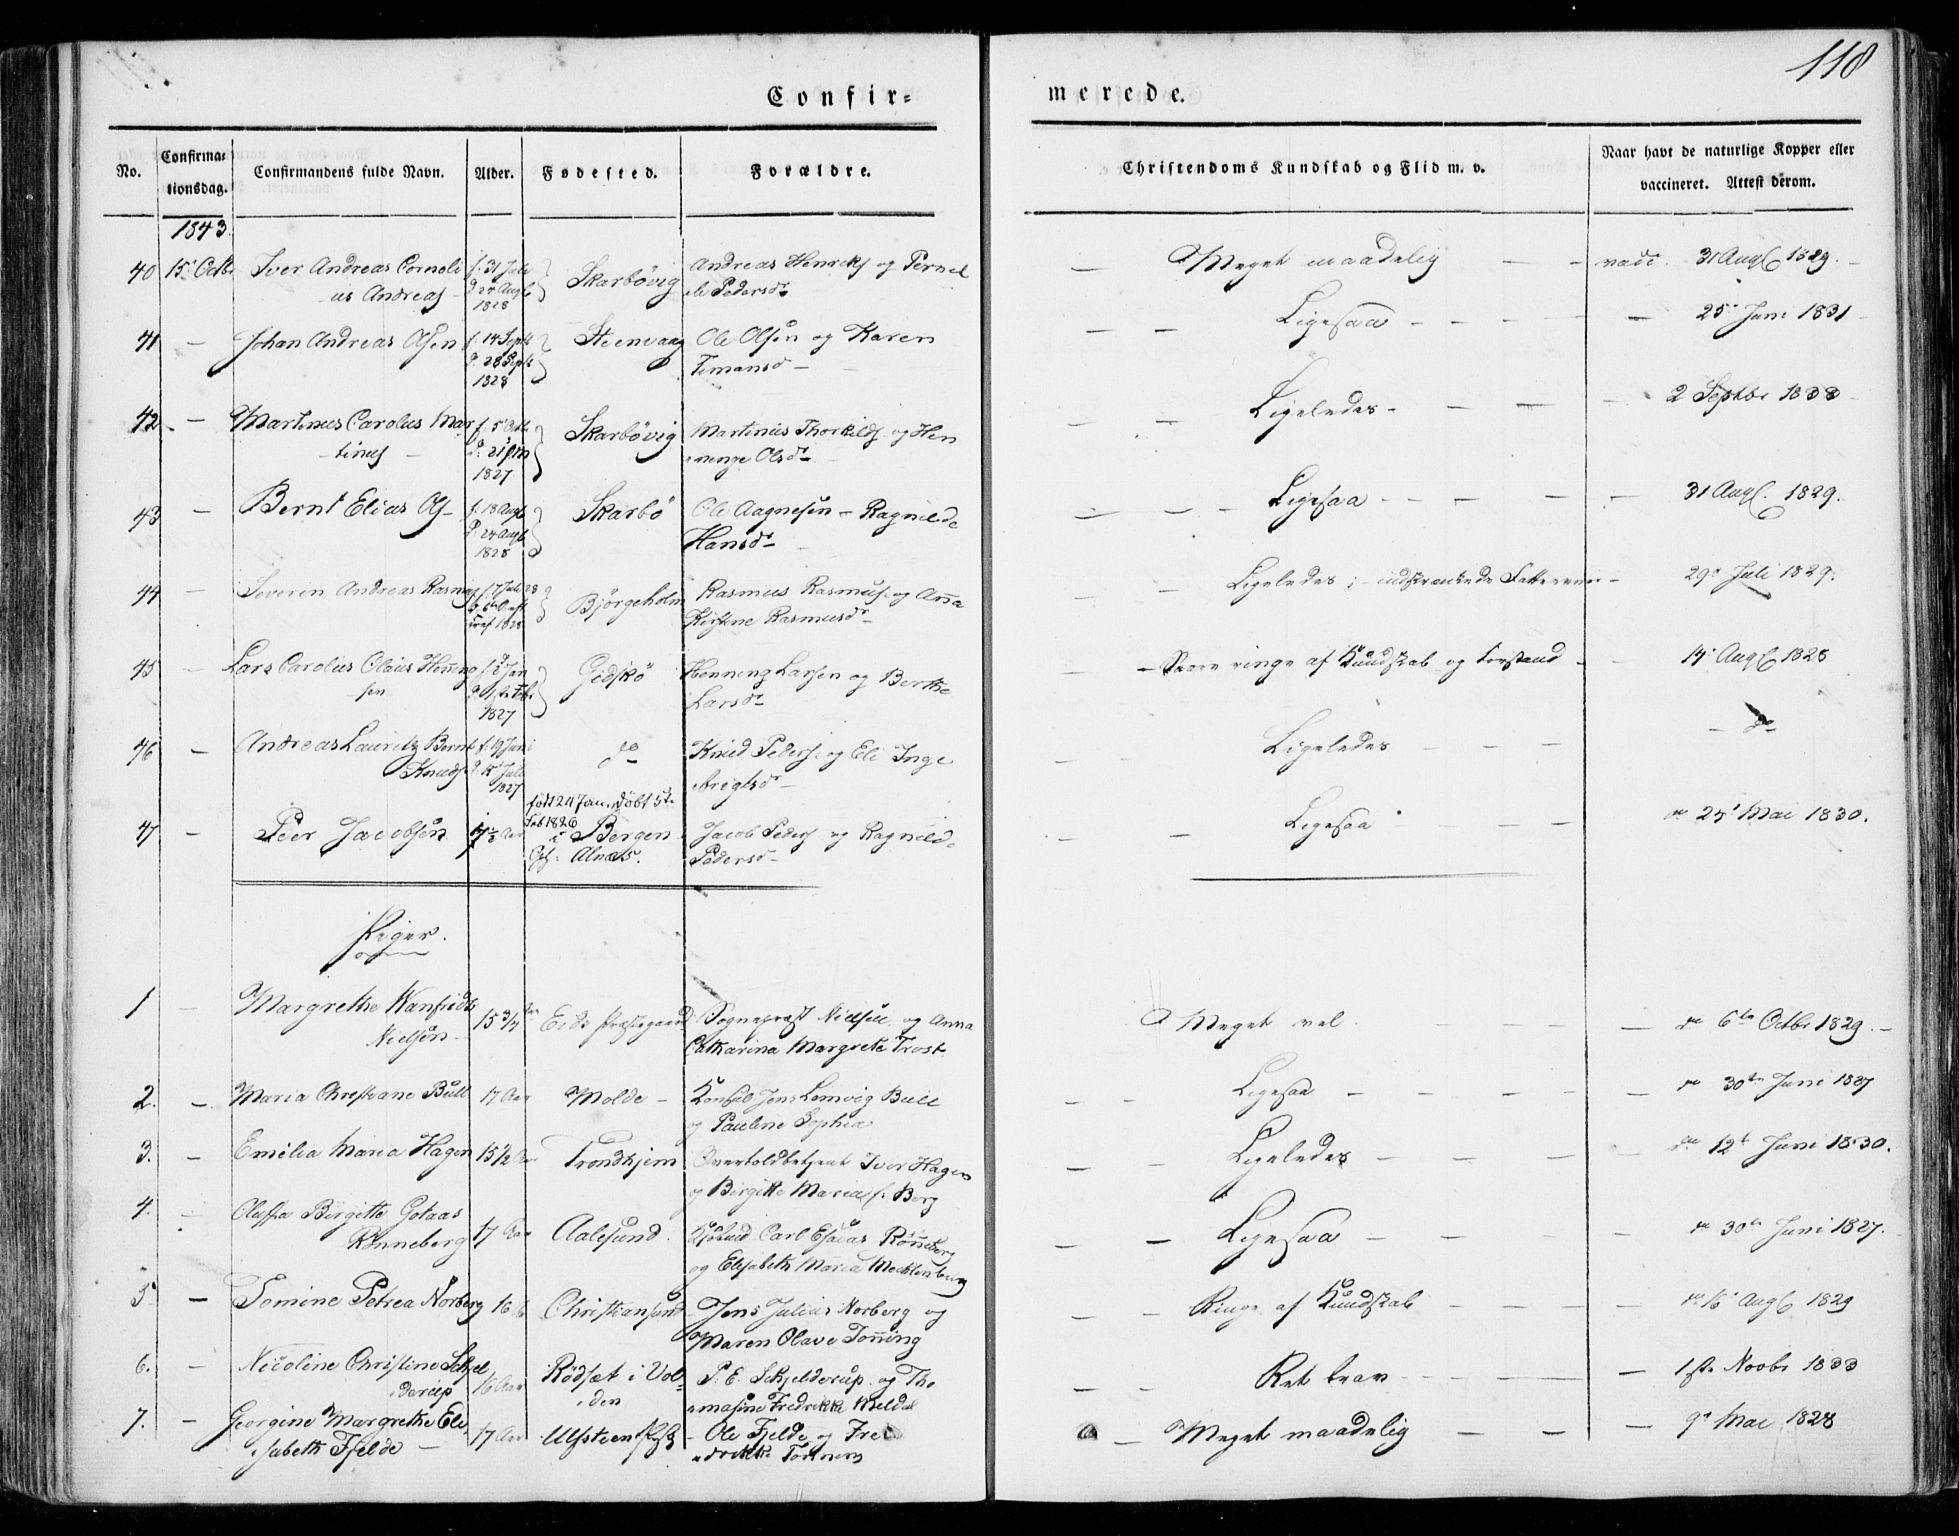 SAT, Ministerialprotokoller, klokkerbøker og fødselsregistre - Møre og Romsdal, 528/L0396: Ministerialbok nr. 528A07, 1839-1847, s. 118